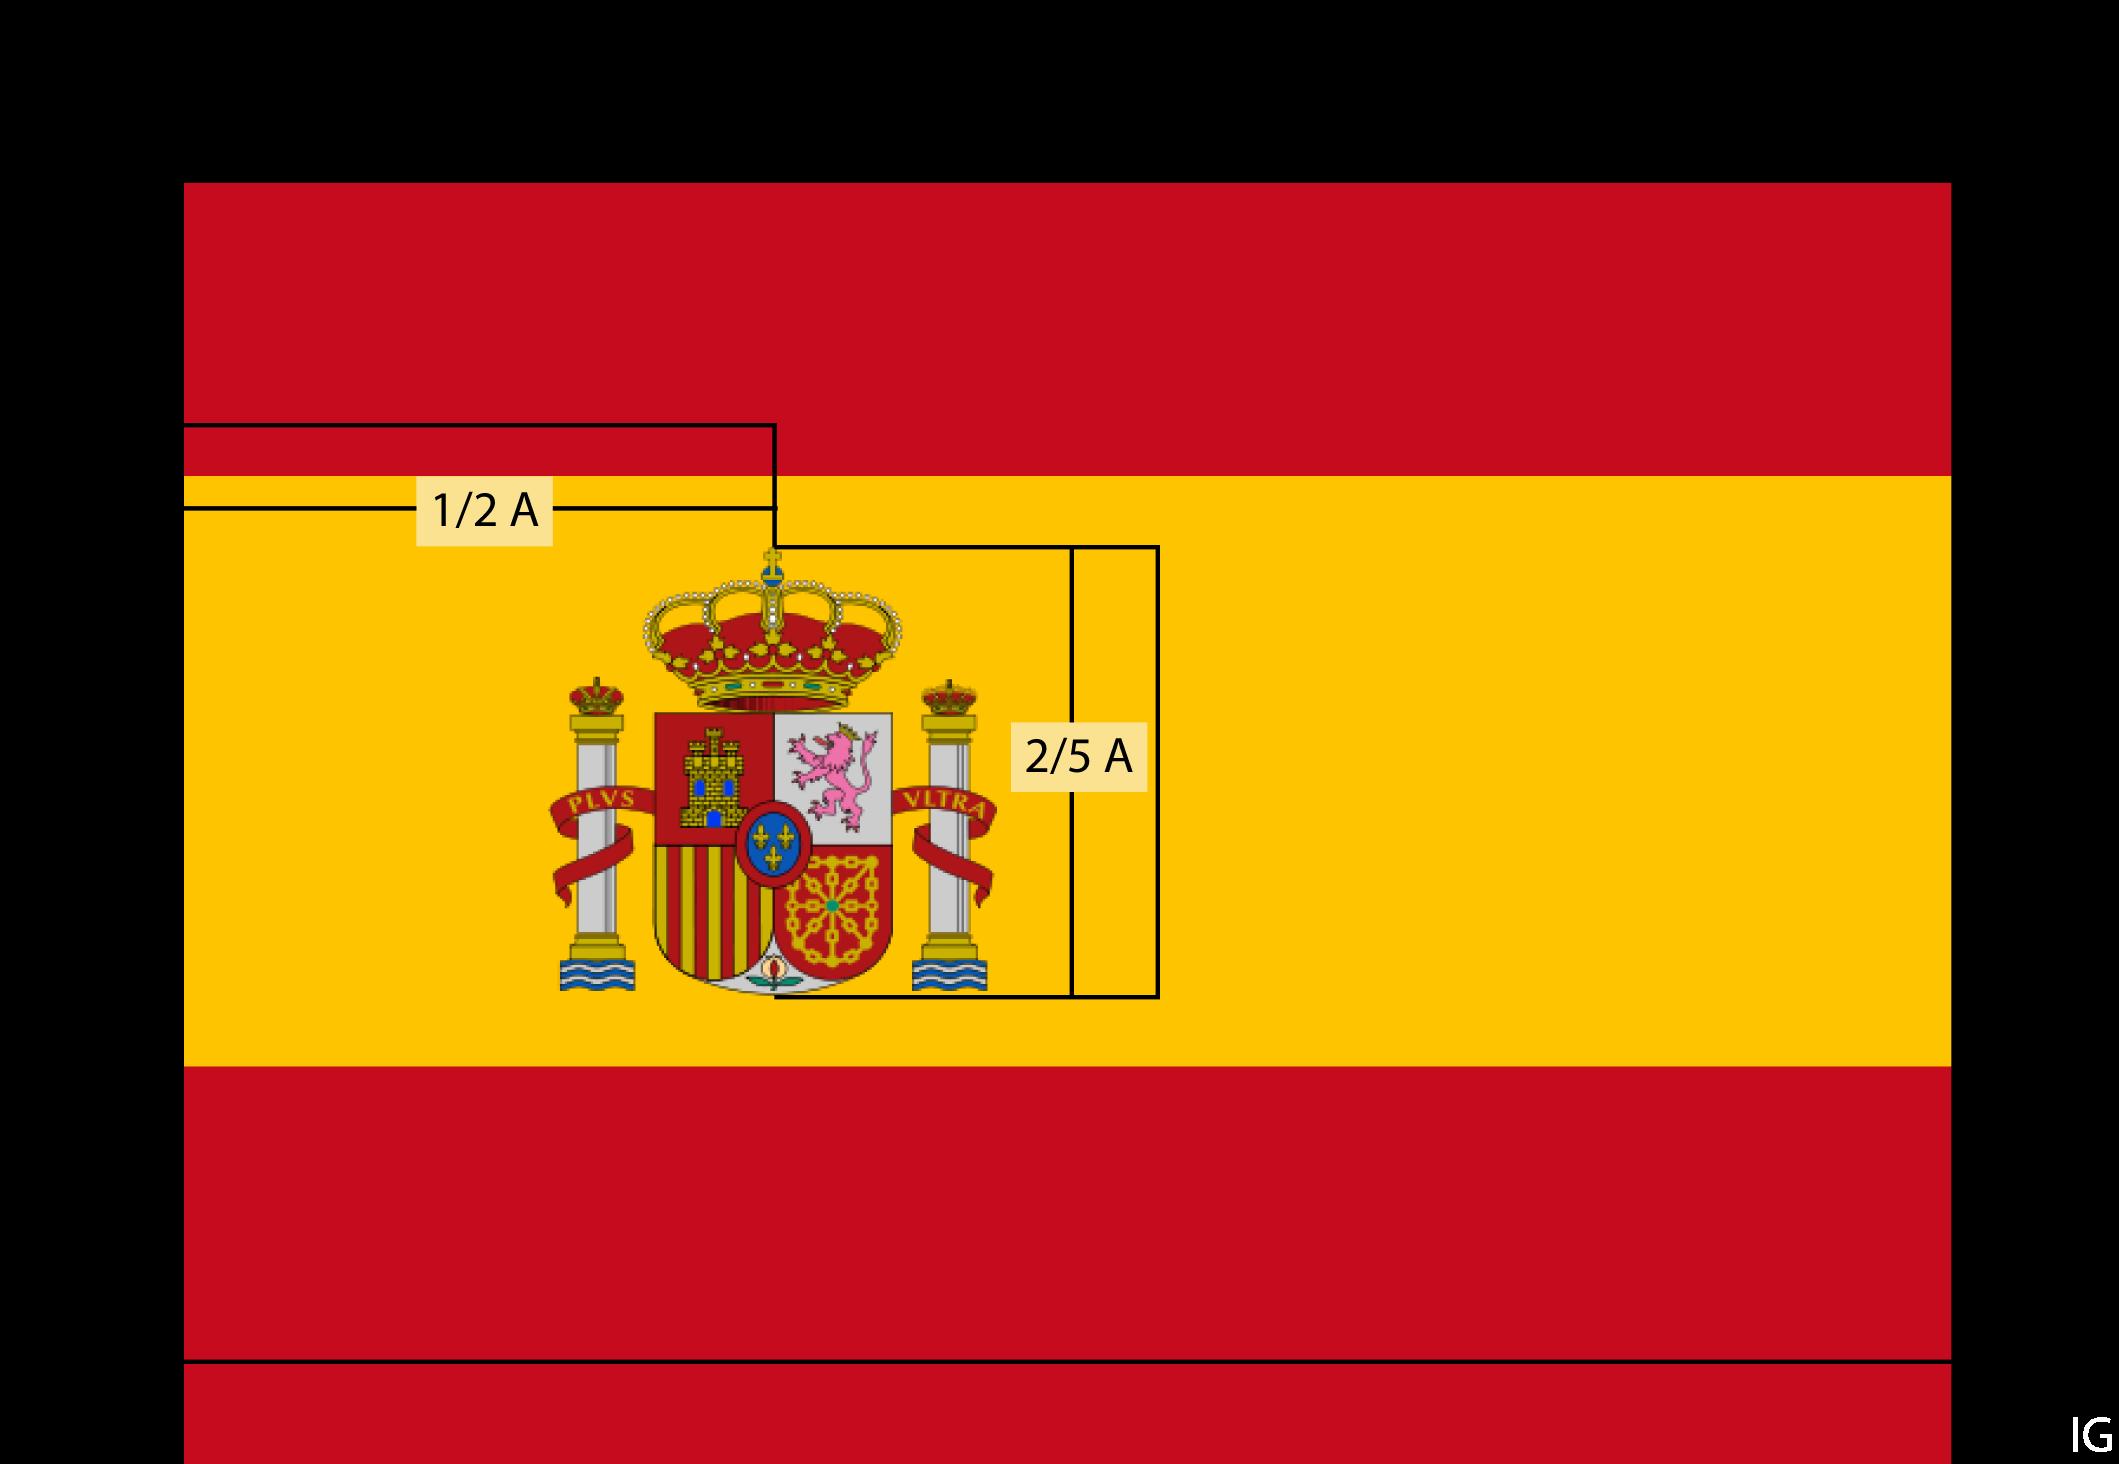 File:Especificaciones Bandera de España.png.